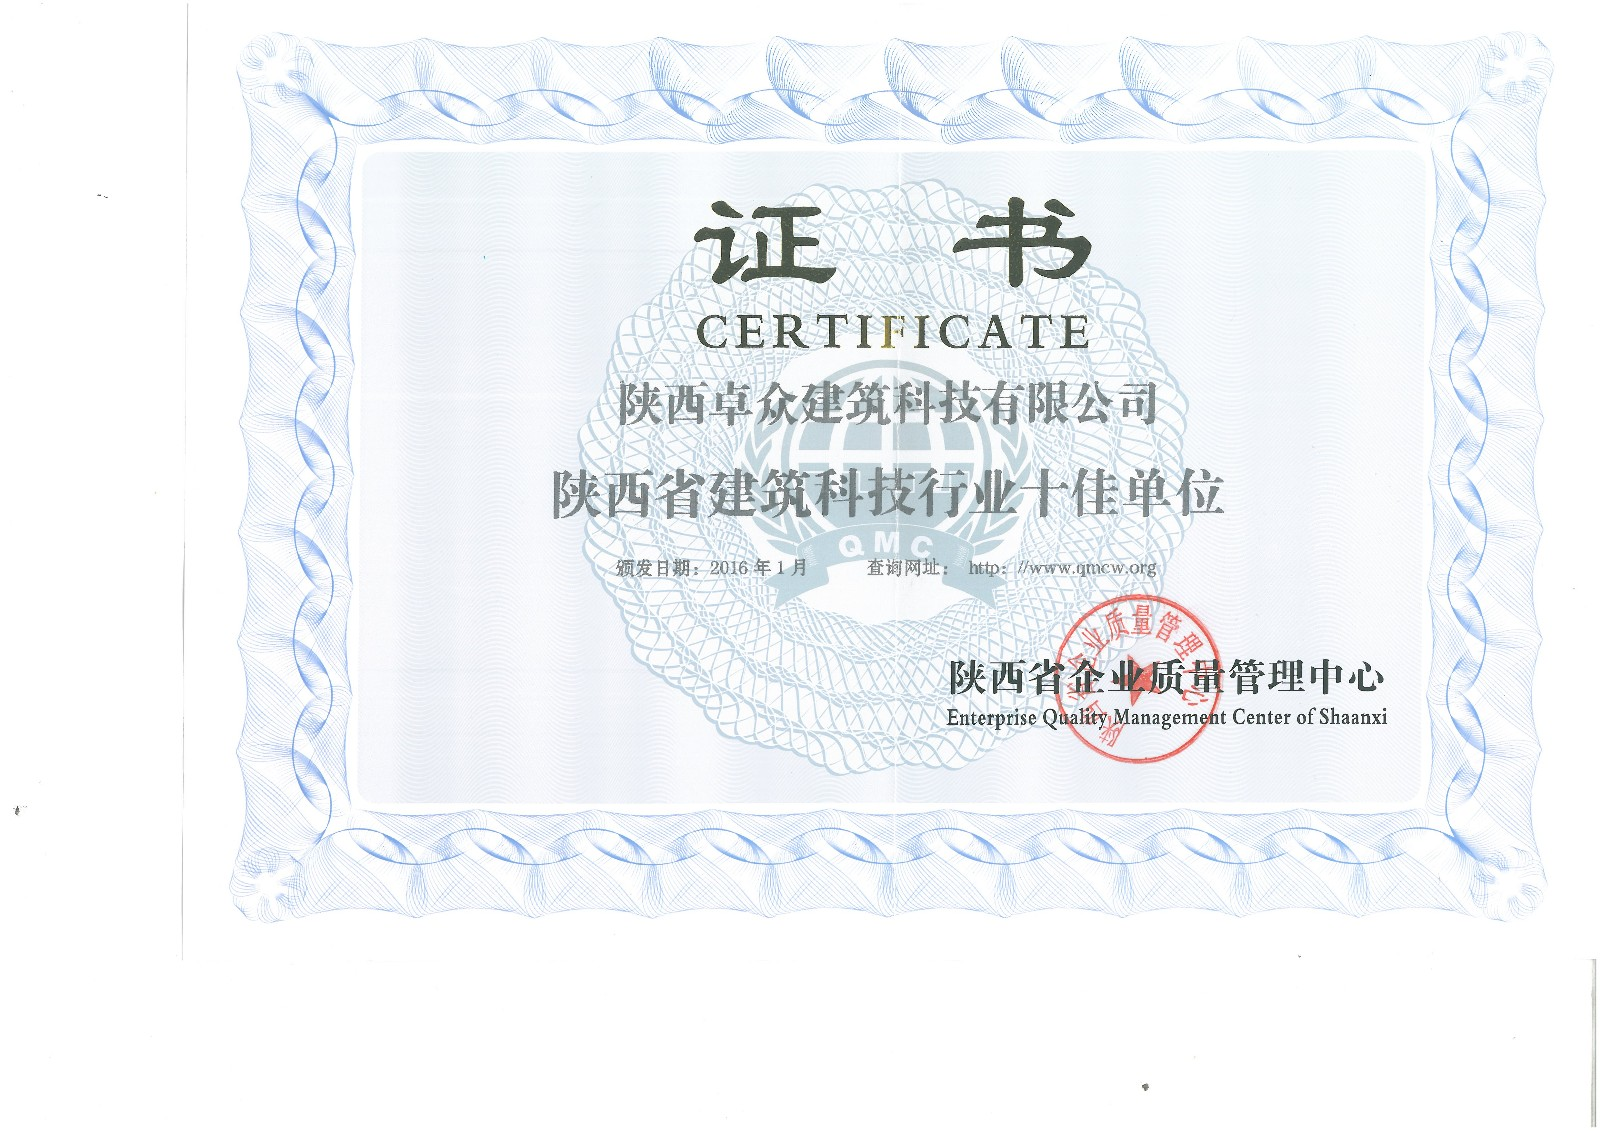 质量管理证书|公司资质-陕西卓众建筑科技有限公司